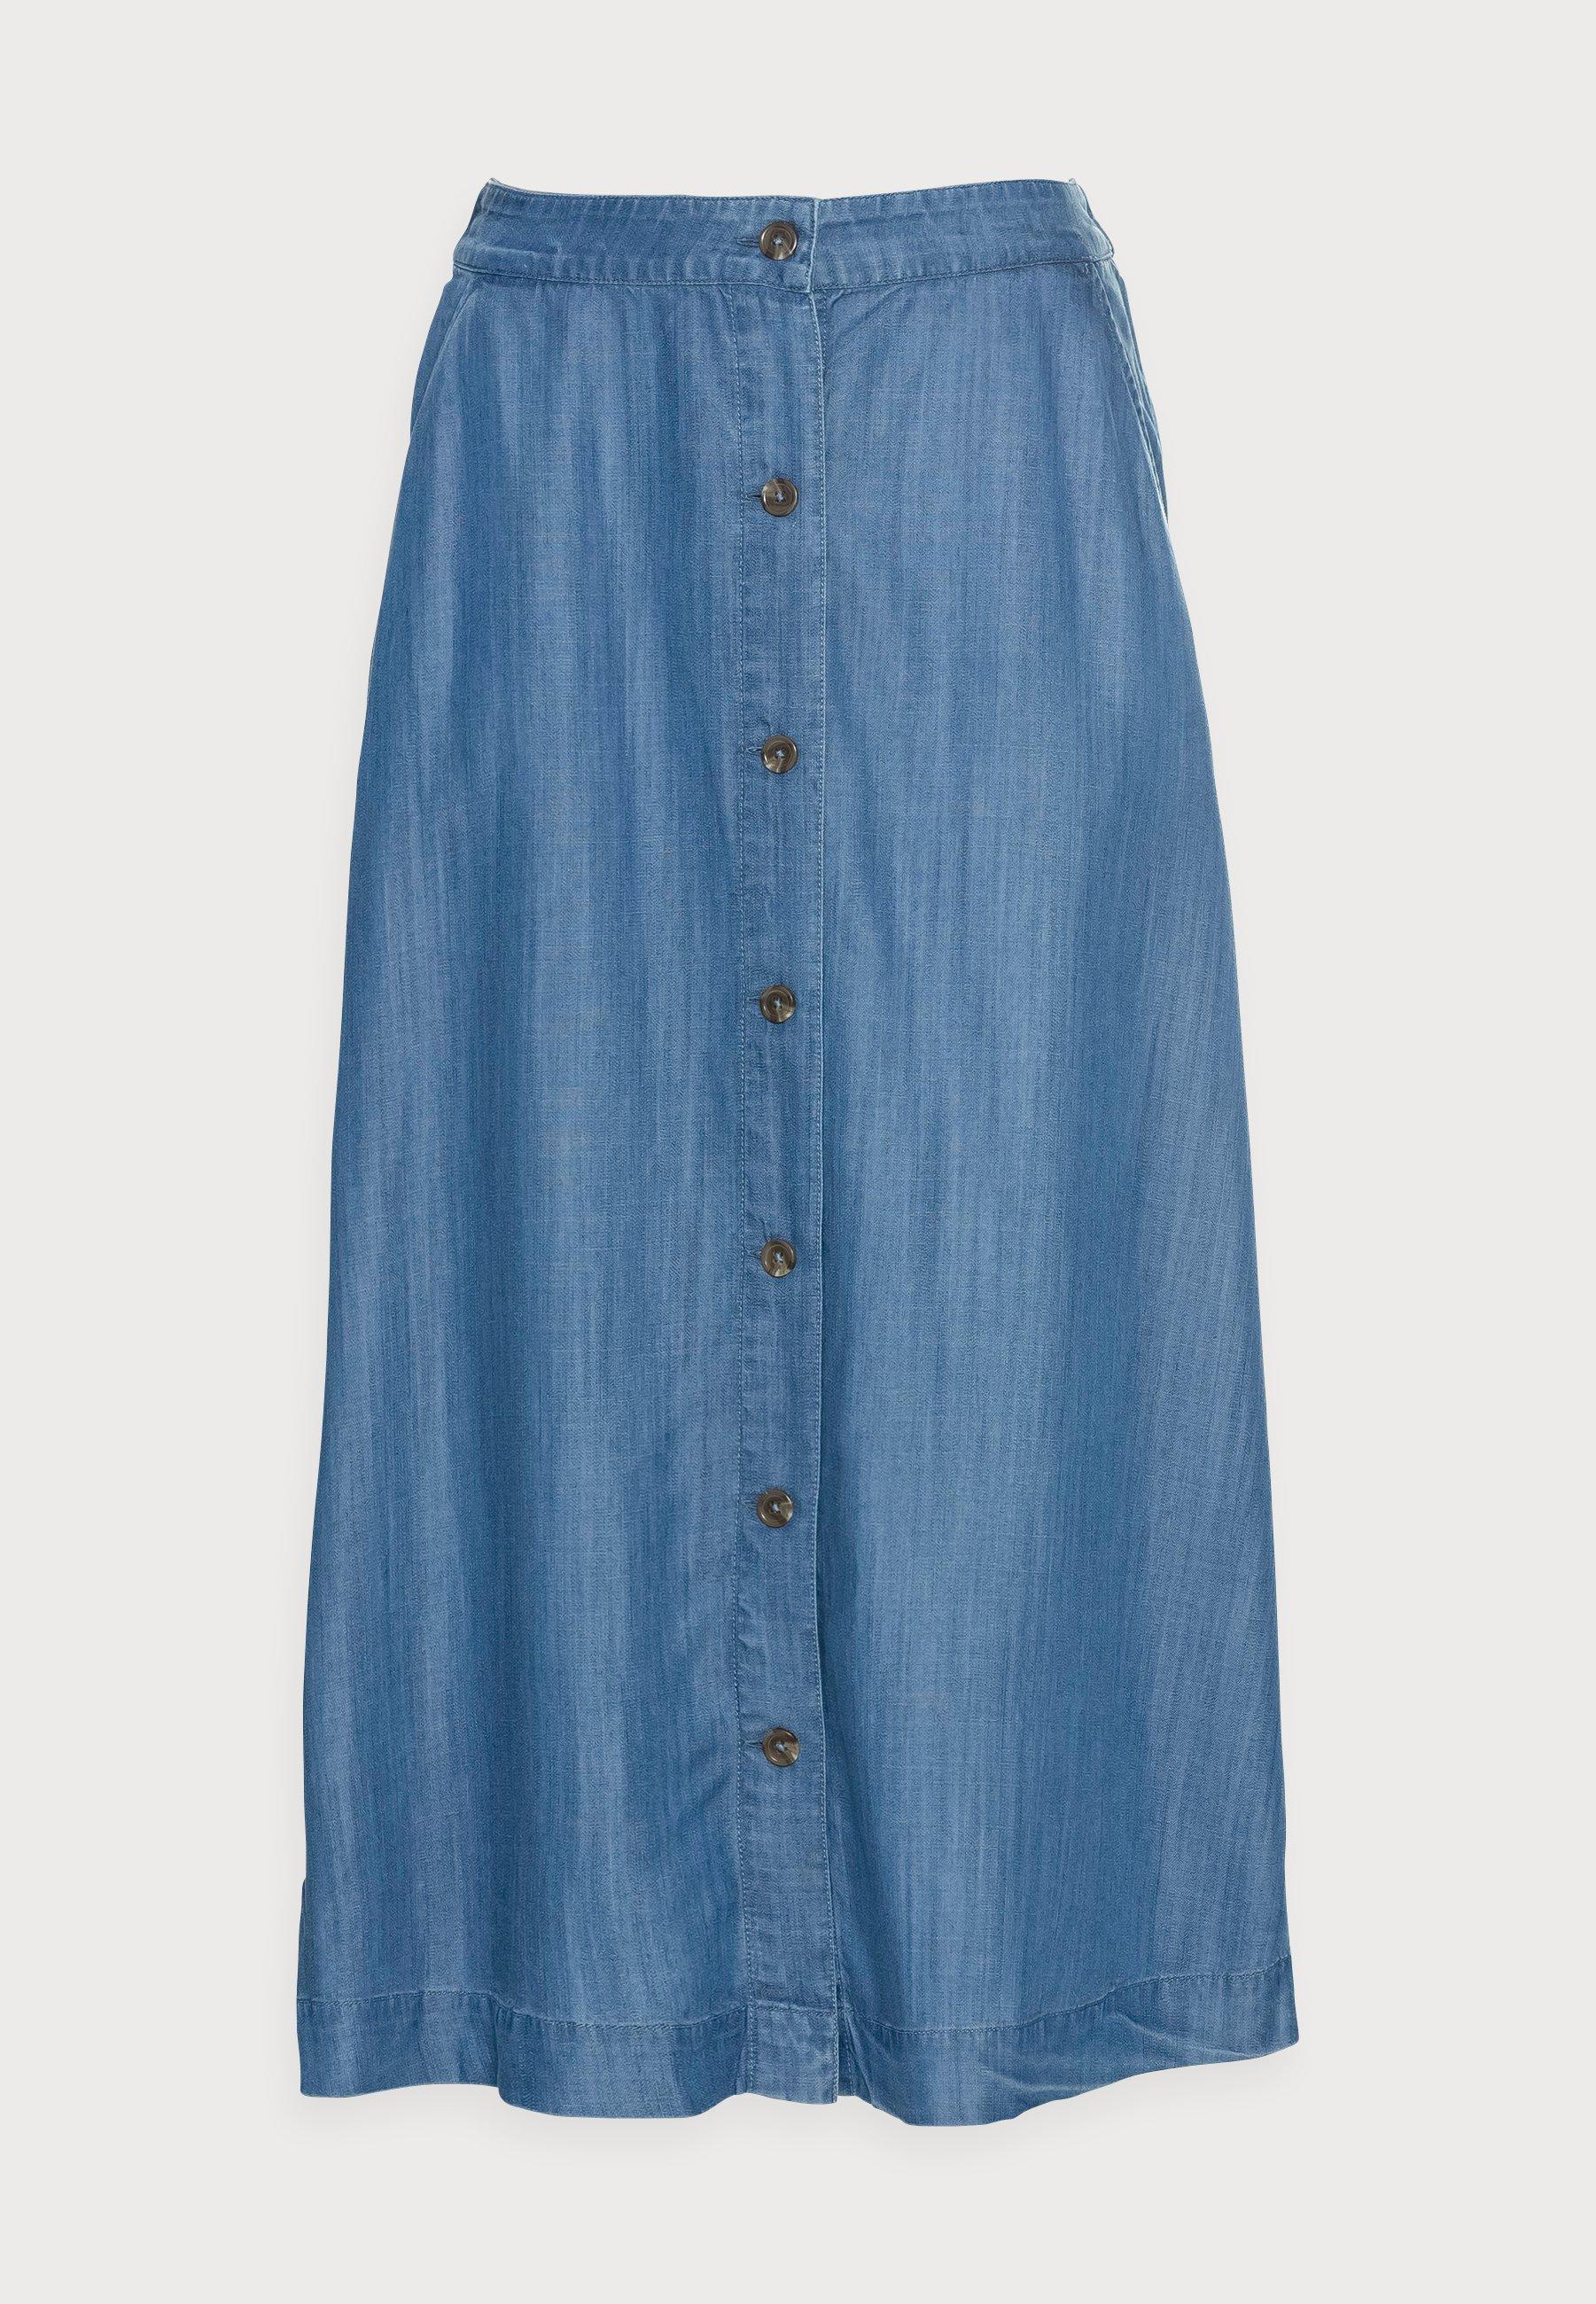 Women TENCEL SKIRT - Denim skirt